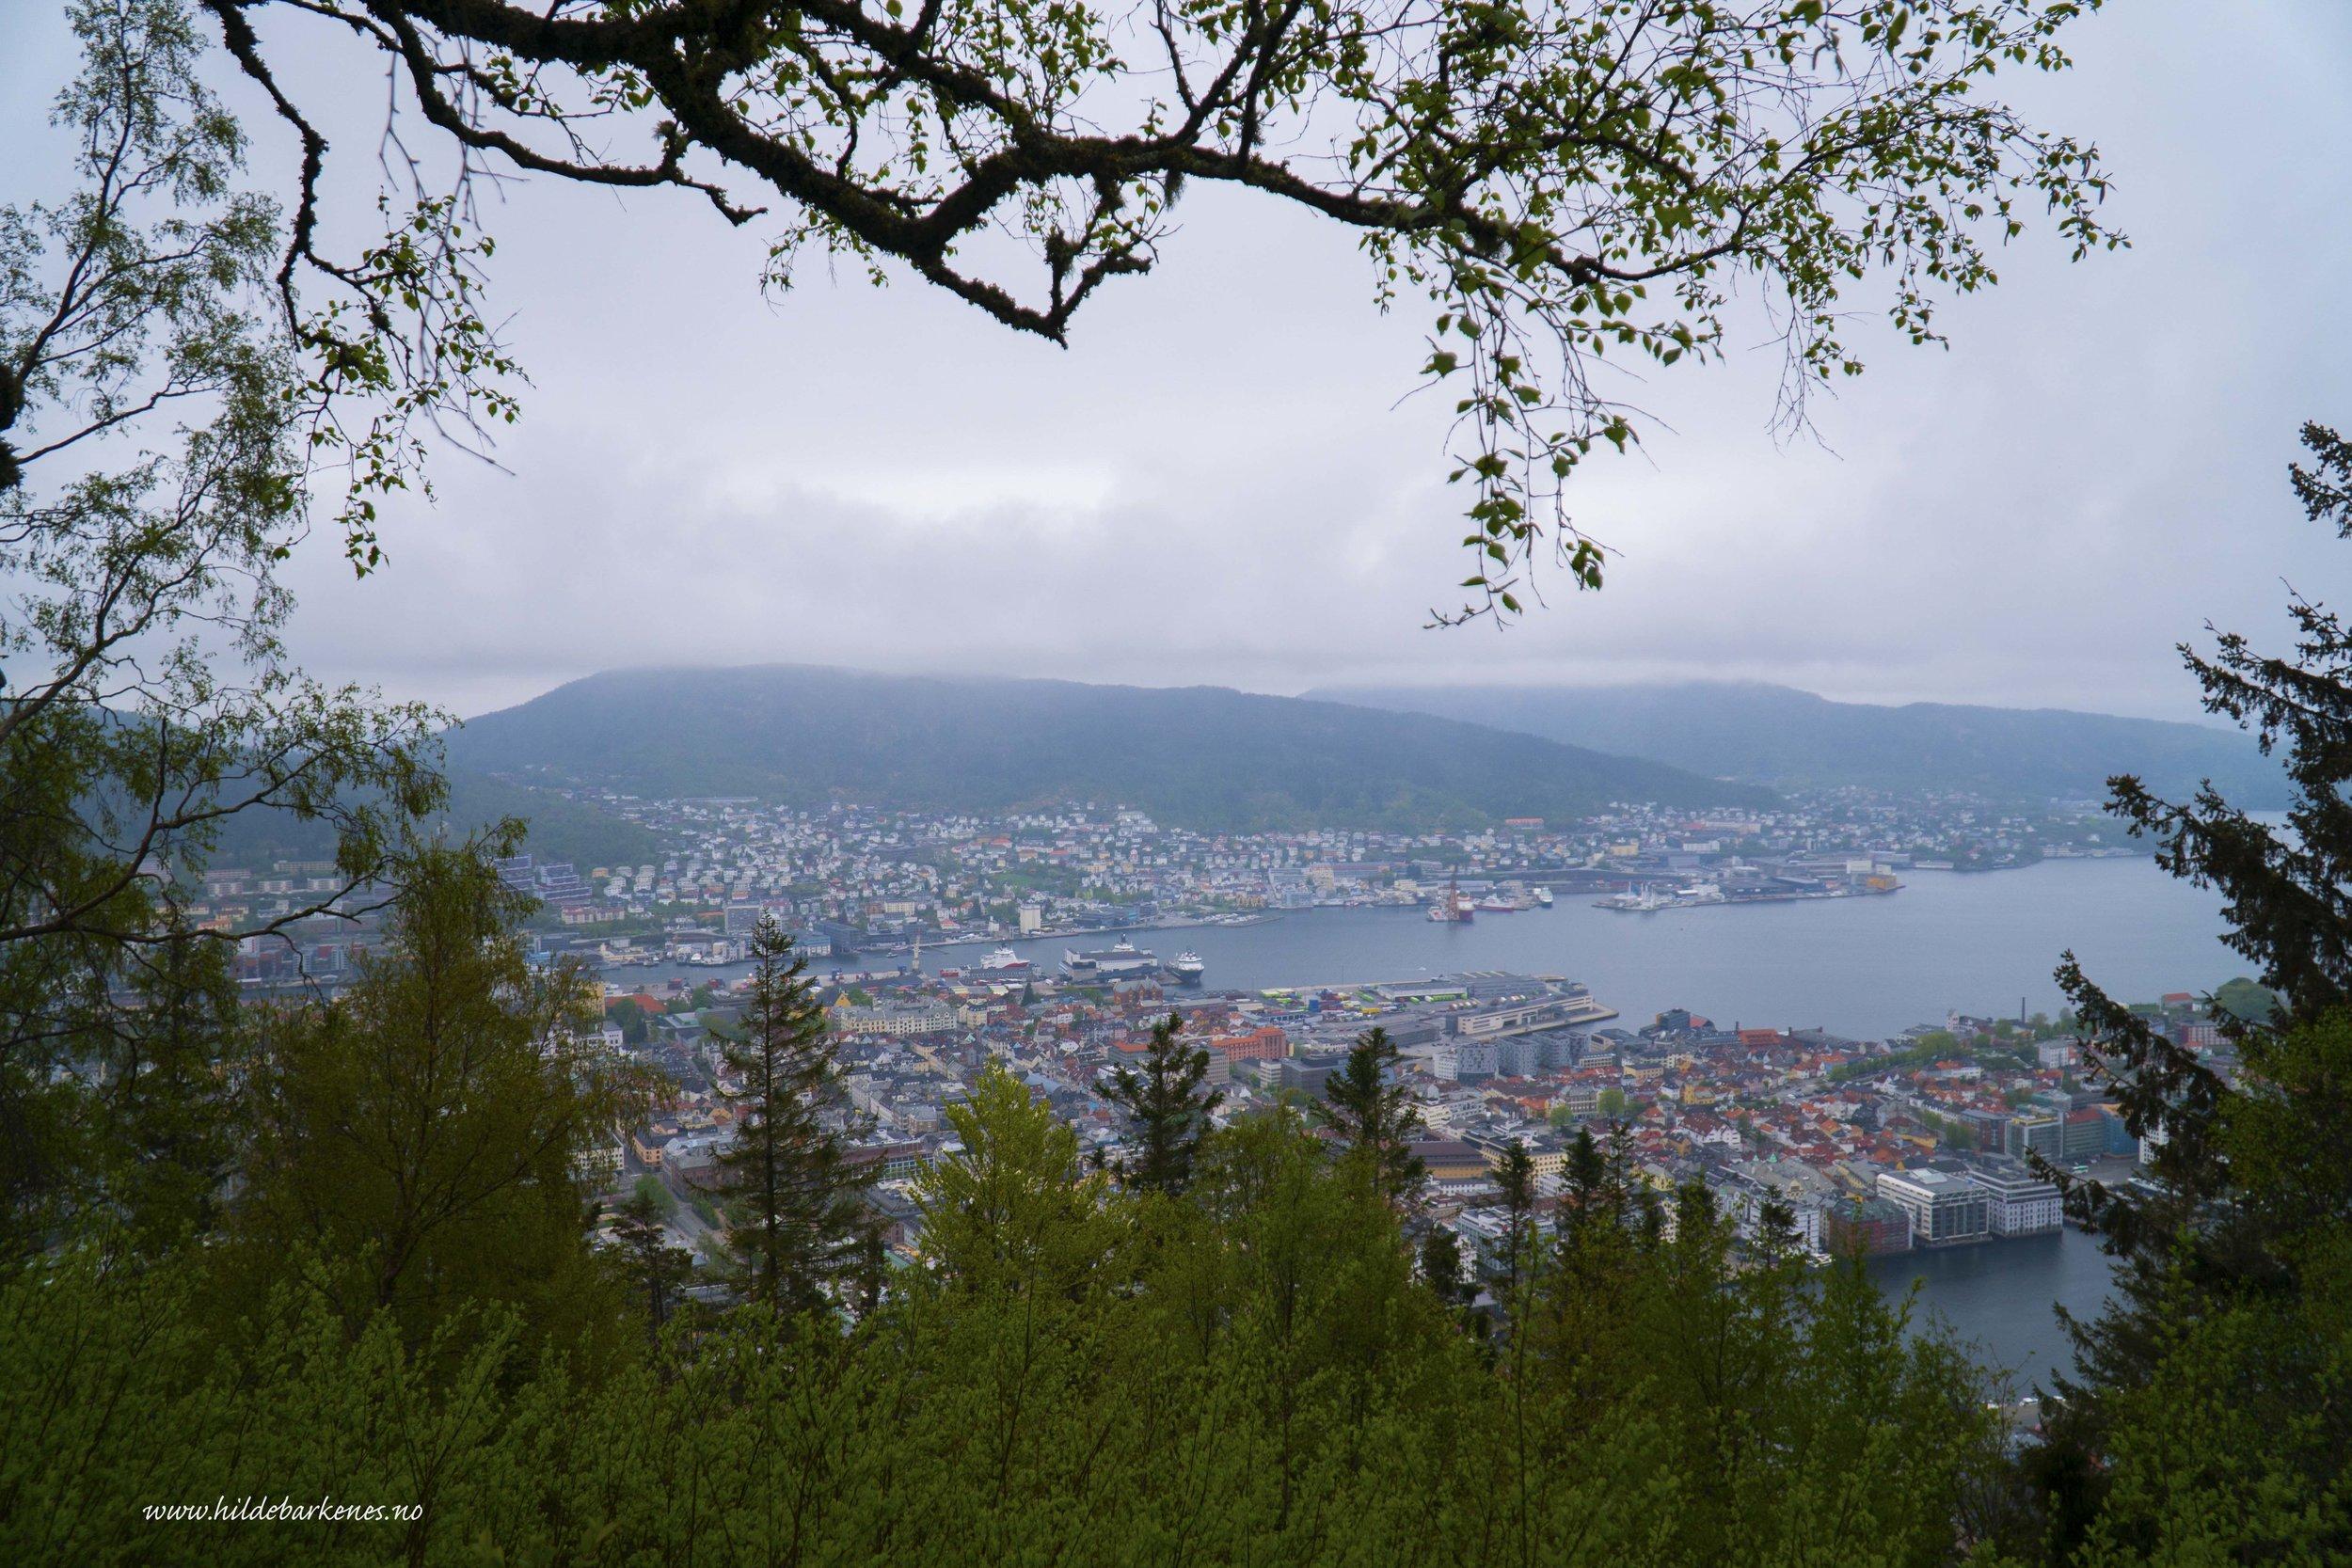 BergenHildeBarkenes27.jpg